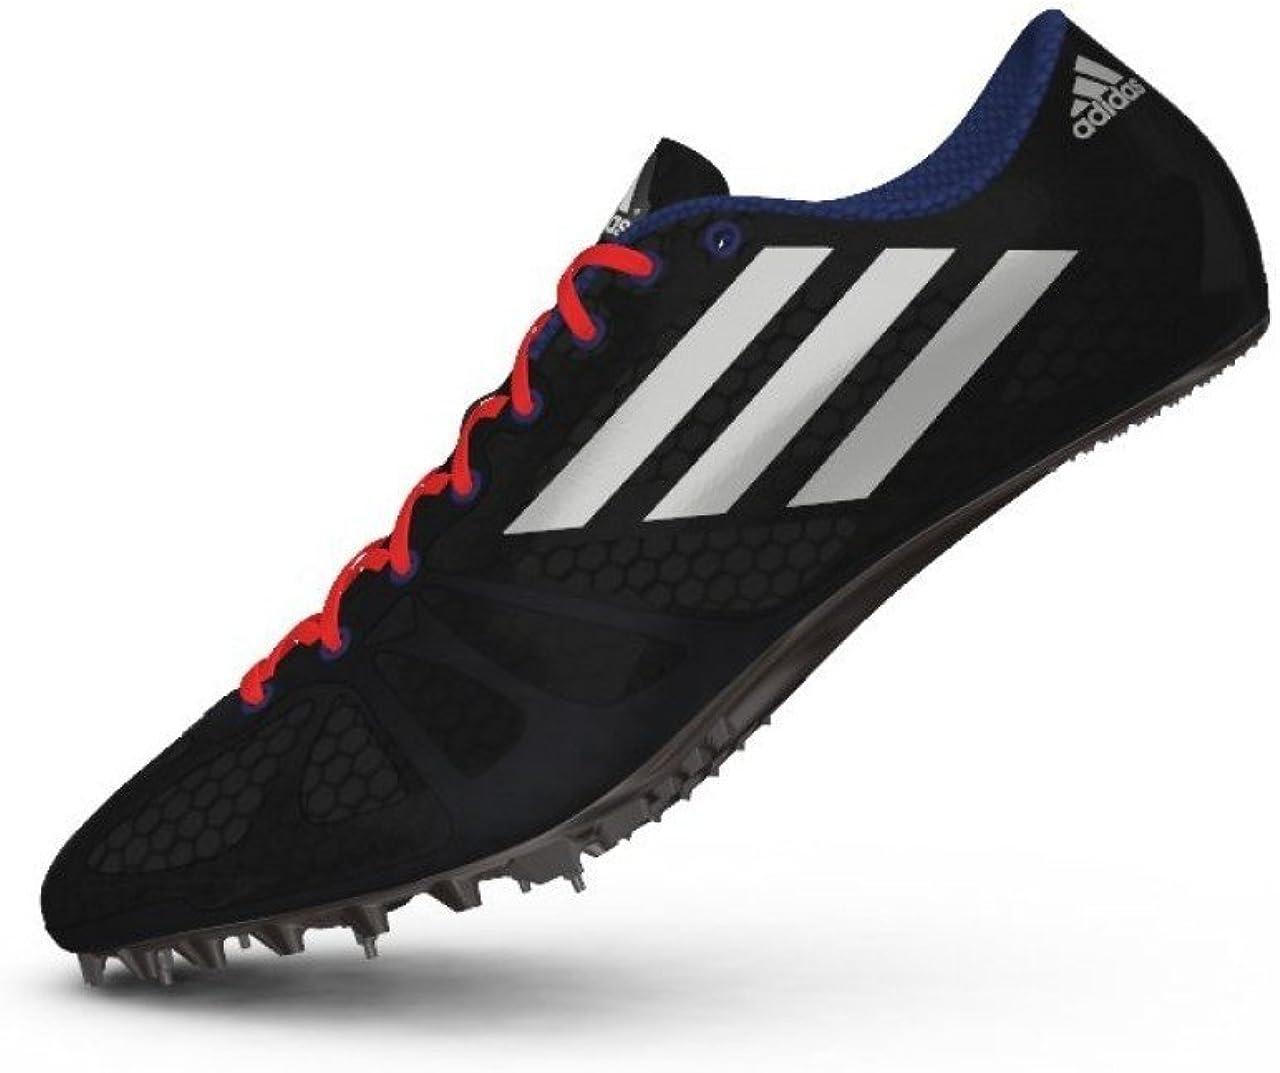 Adidas Adizero Prime Zapatilla De Correr Con Clavos - 45.3: Amazon.es: Zapatos y complementos